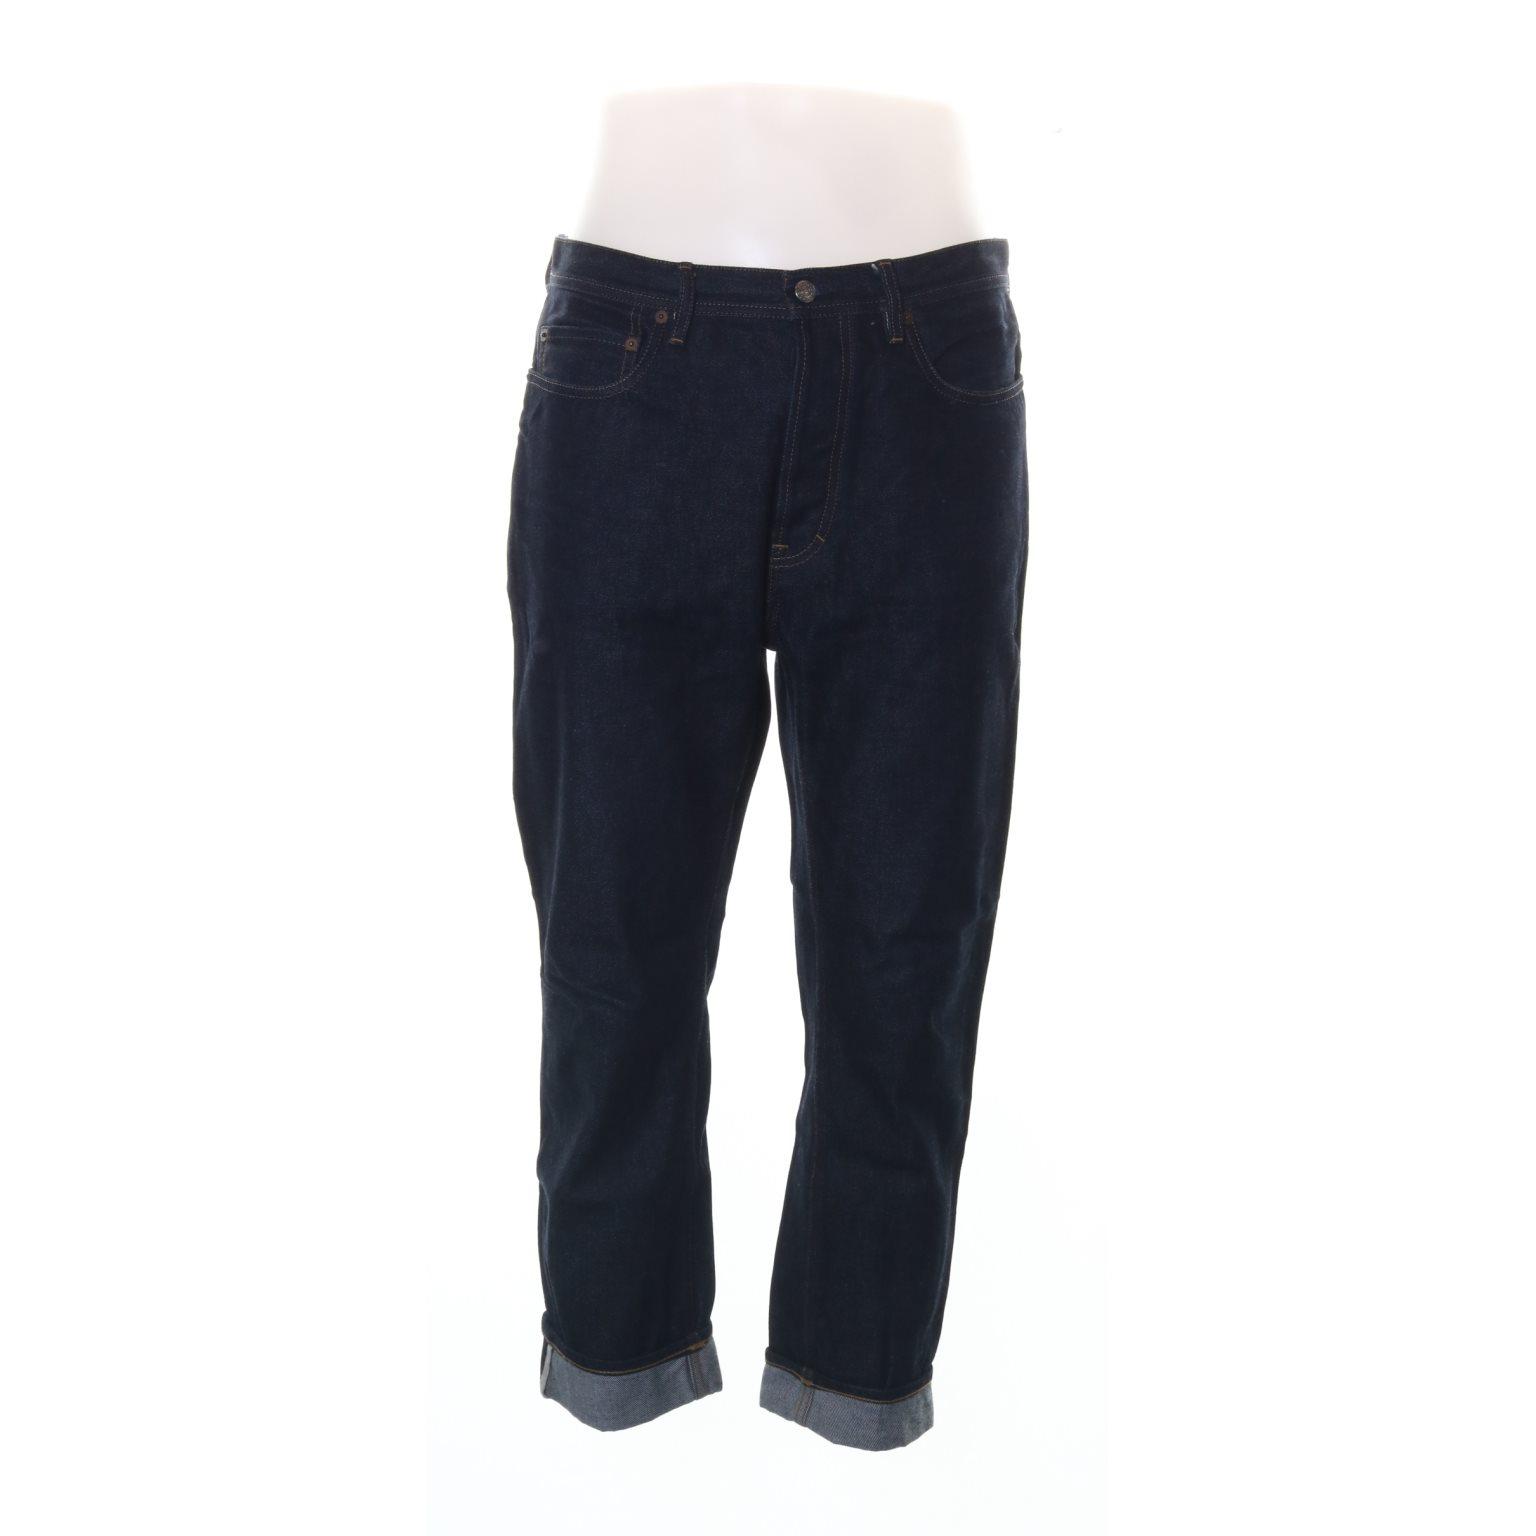 Acne Studios Blå Konst, Jeans, Strl: 29/32, Mörkblå